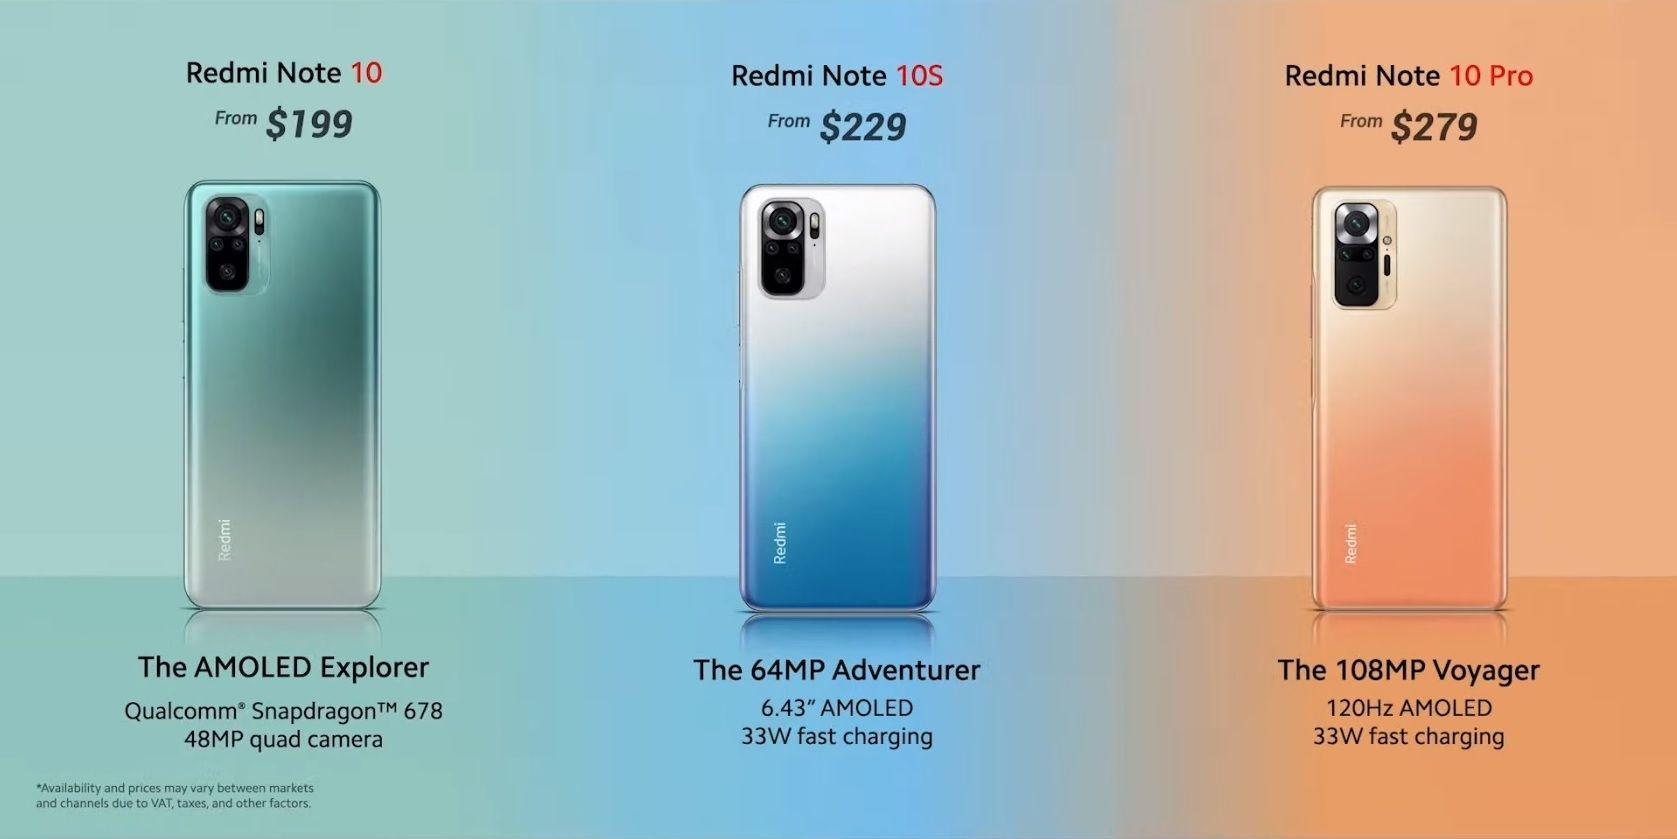 Les Redmi Note 10 et 10 Pro disponibles à prix réduit (écran AMOLED, APN 108 Mpx...) avec Mi band 5 offert